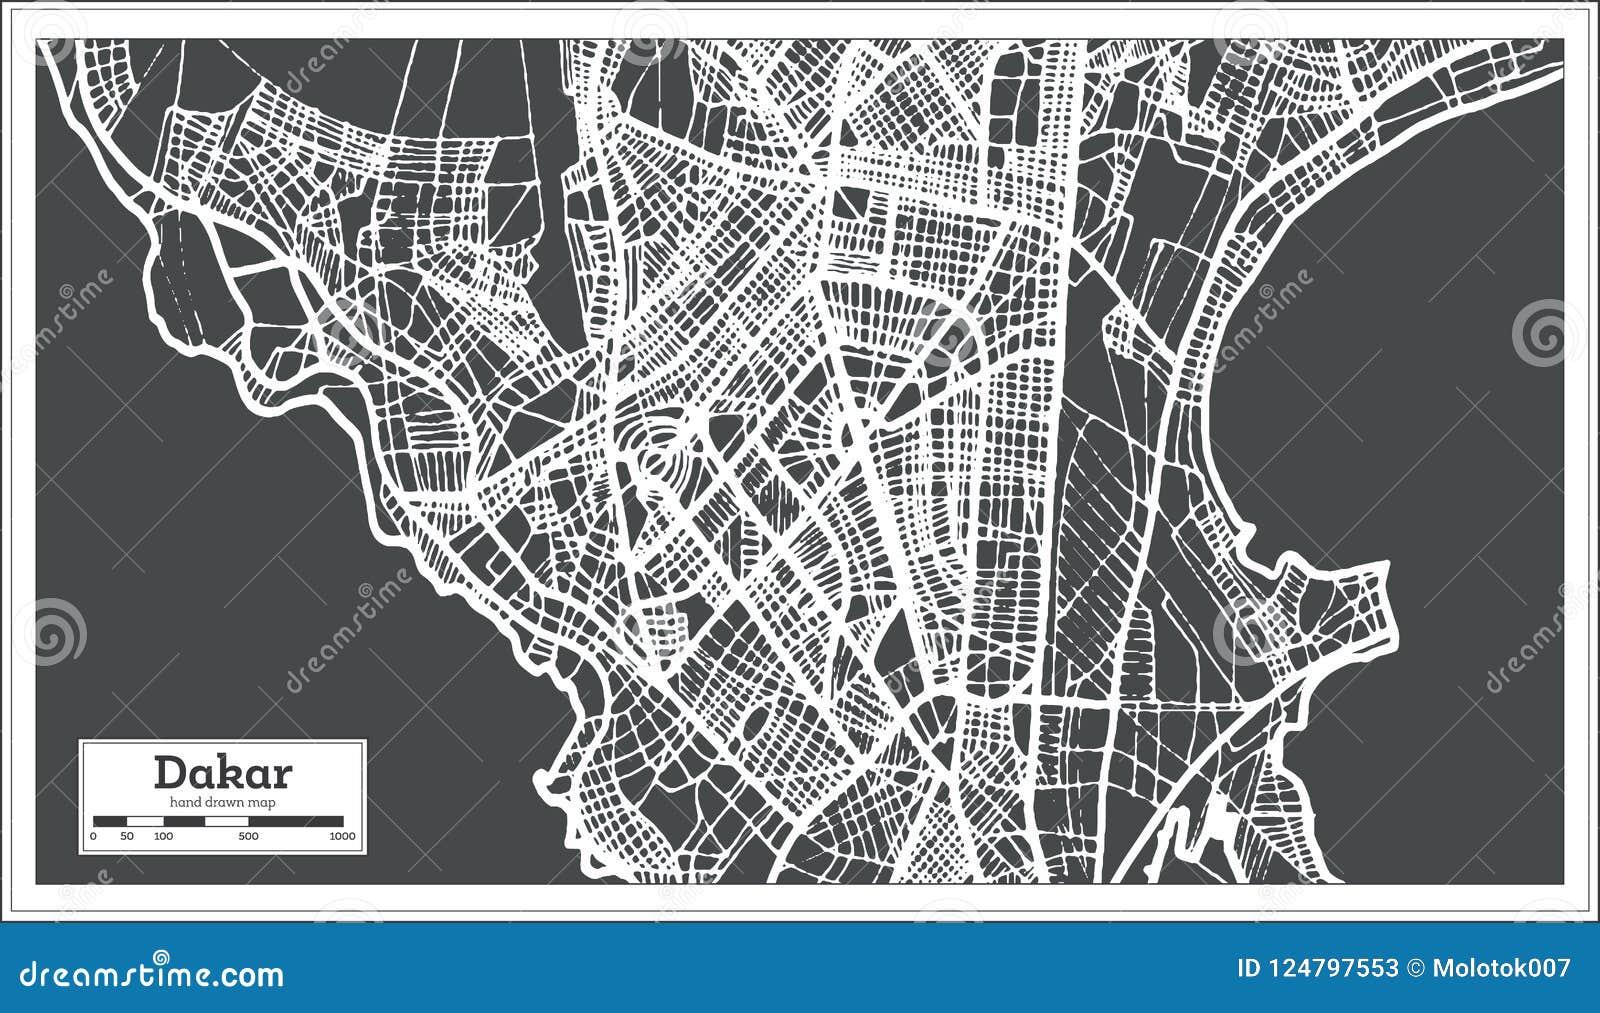 Mapa De La Ciudad De Dakar Senegal En Estilo Retro Ejemplo Blanco